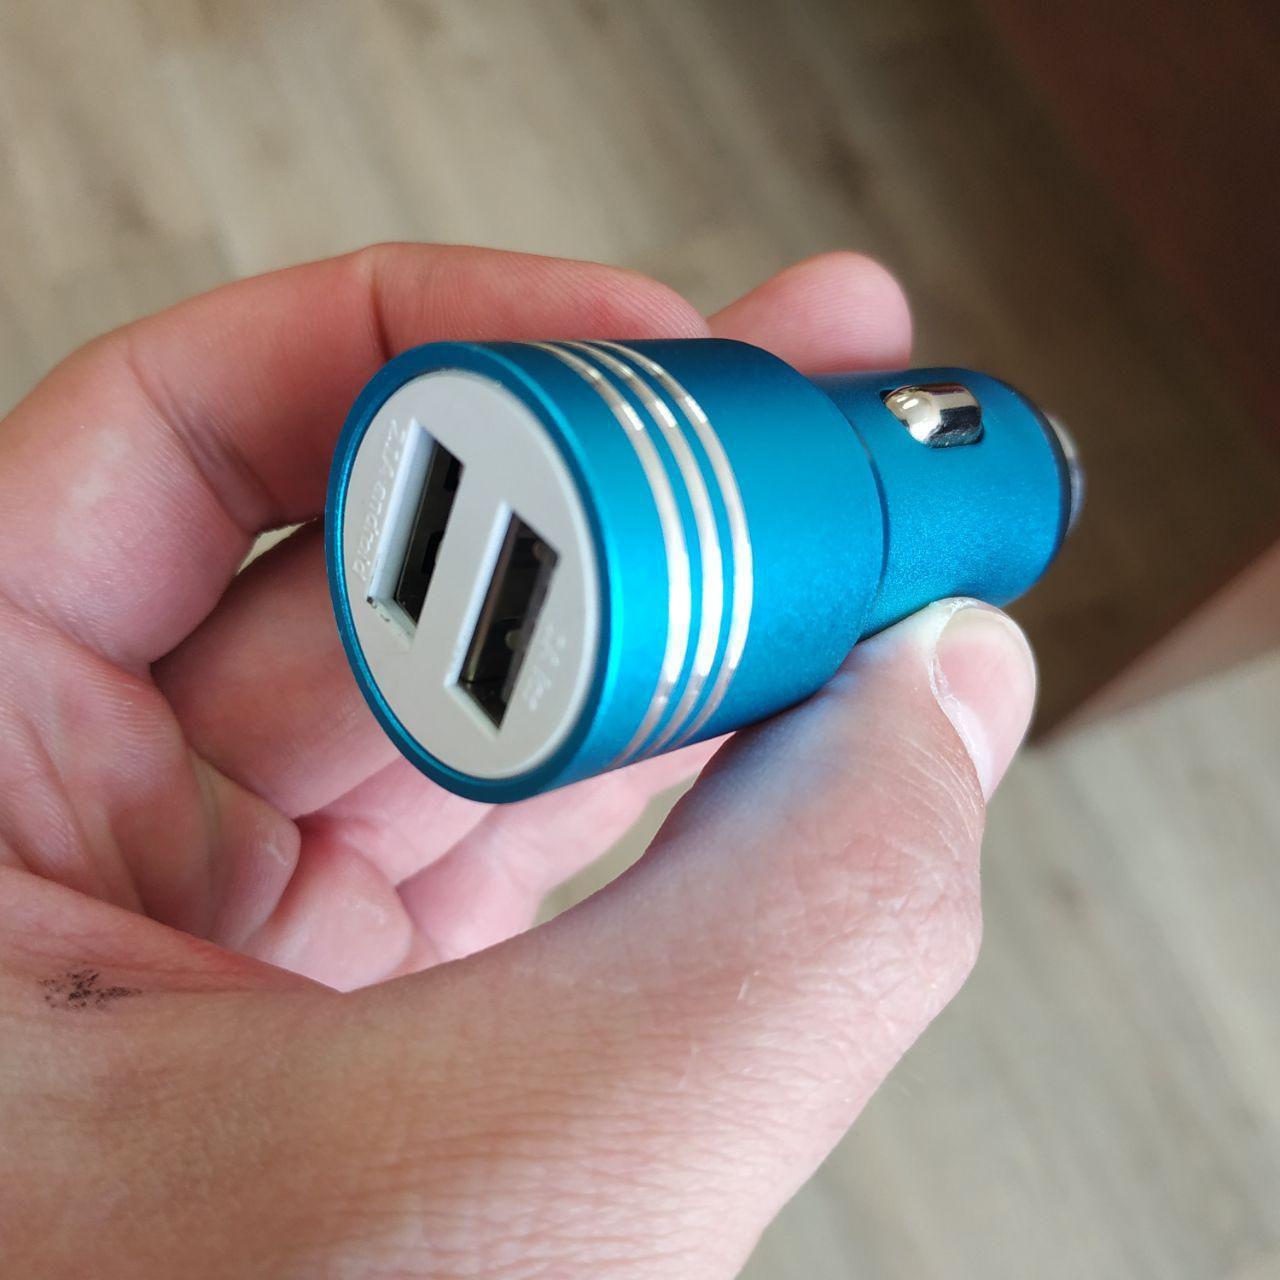 Автомобильное зарядное устройство 12v CAR USB Hammer HF-01 (2 разъёма) 2.1A в прикуриватель синий, фото 1